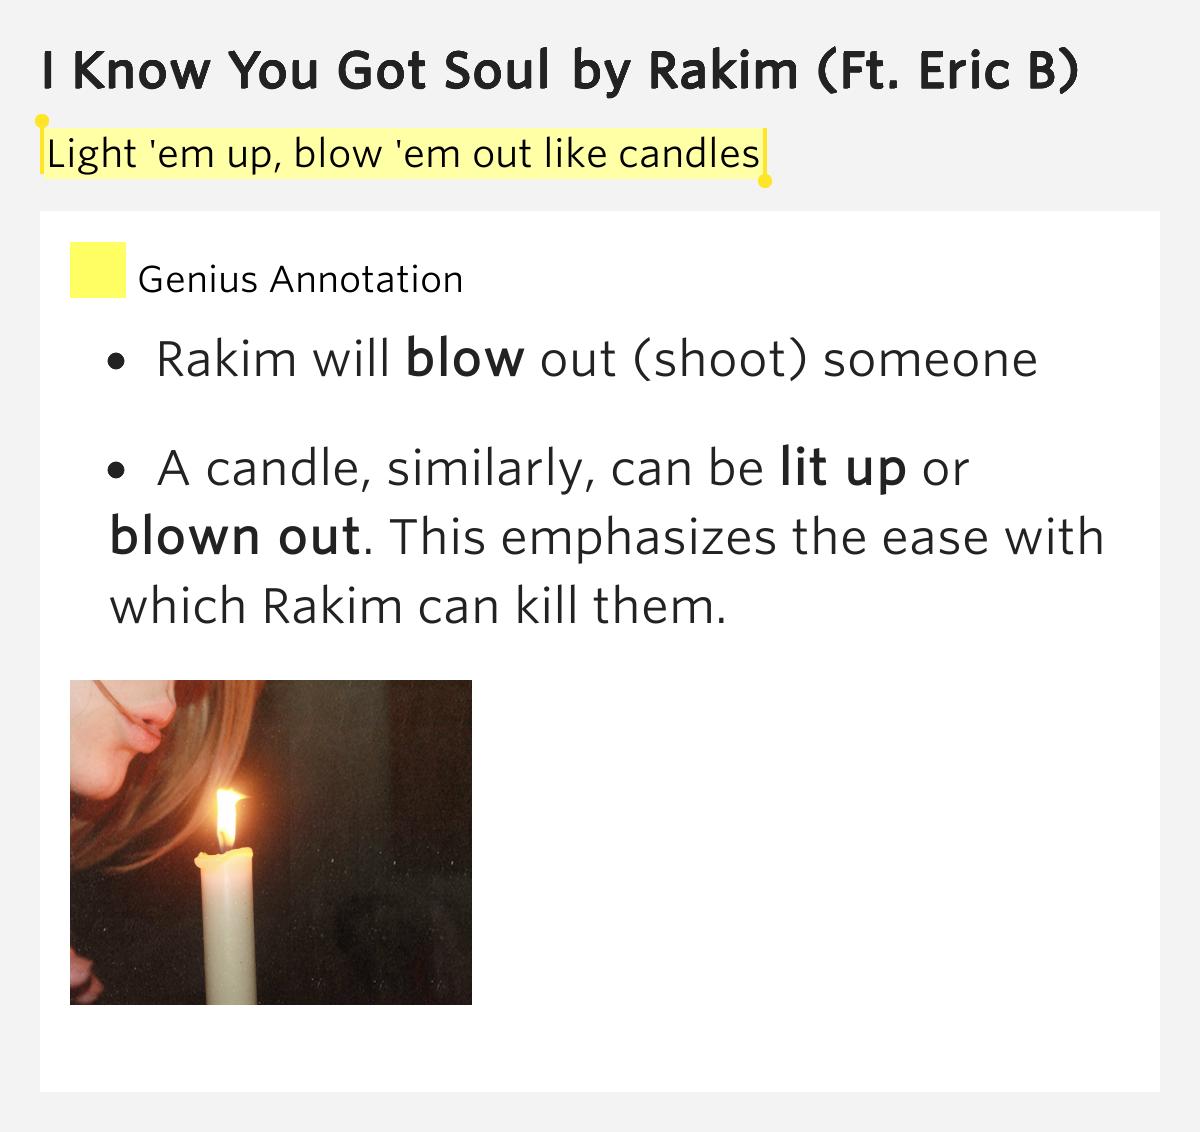 RADIOHEAD - BLOW OUT LYRICS - SongLyrics.com